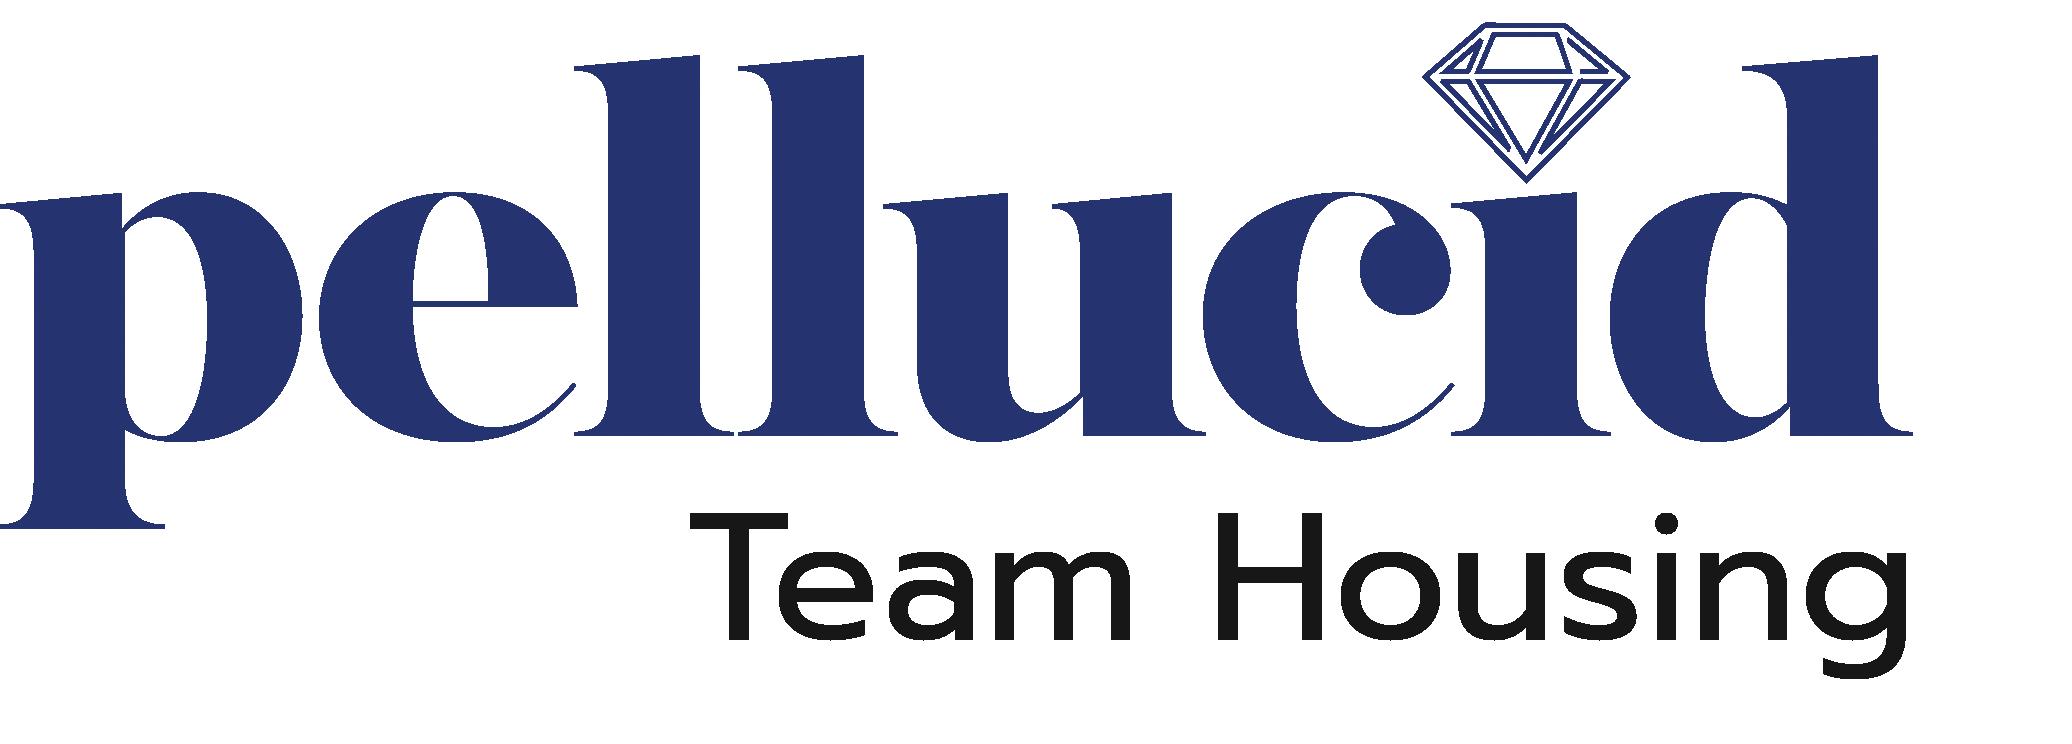 Pellucid logo update